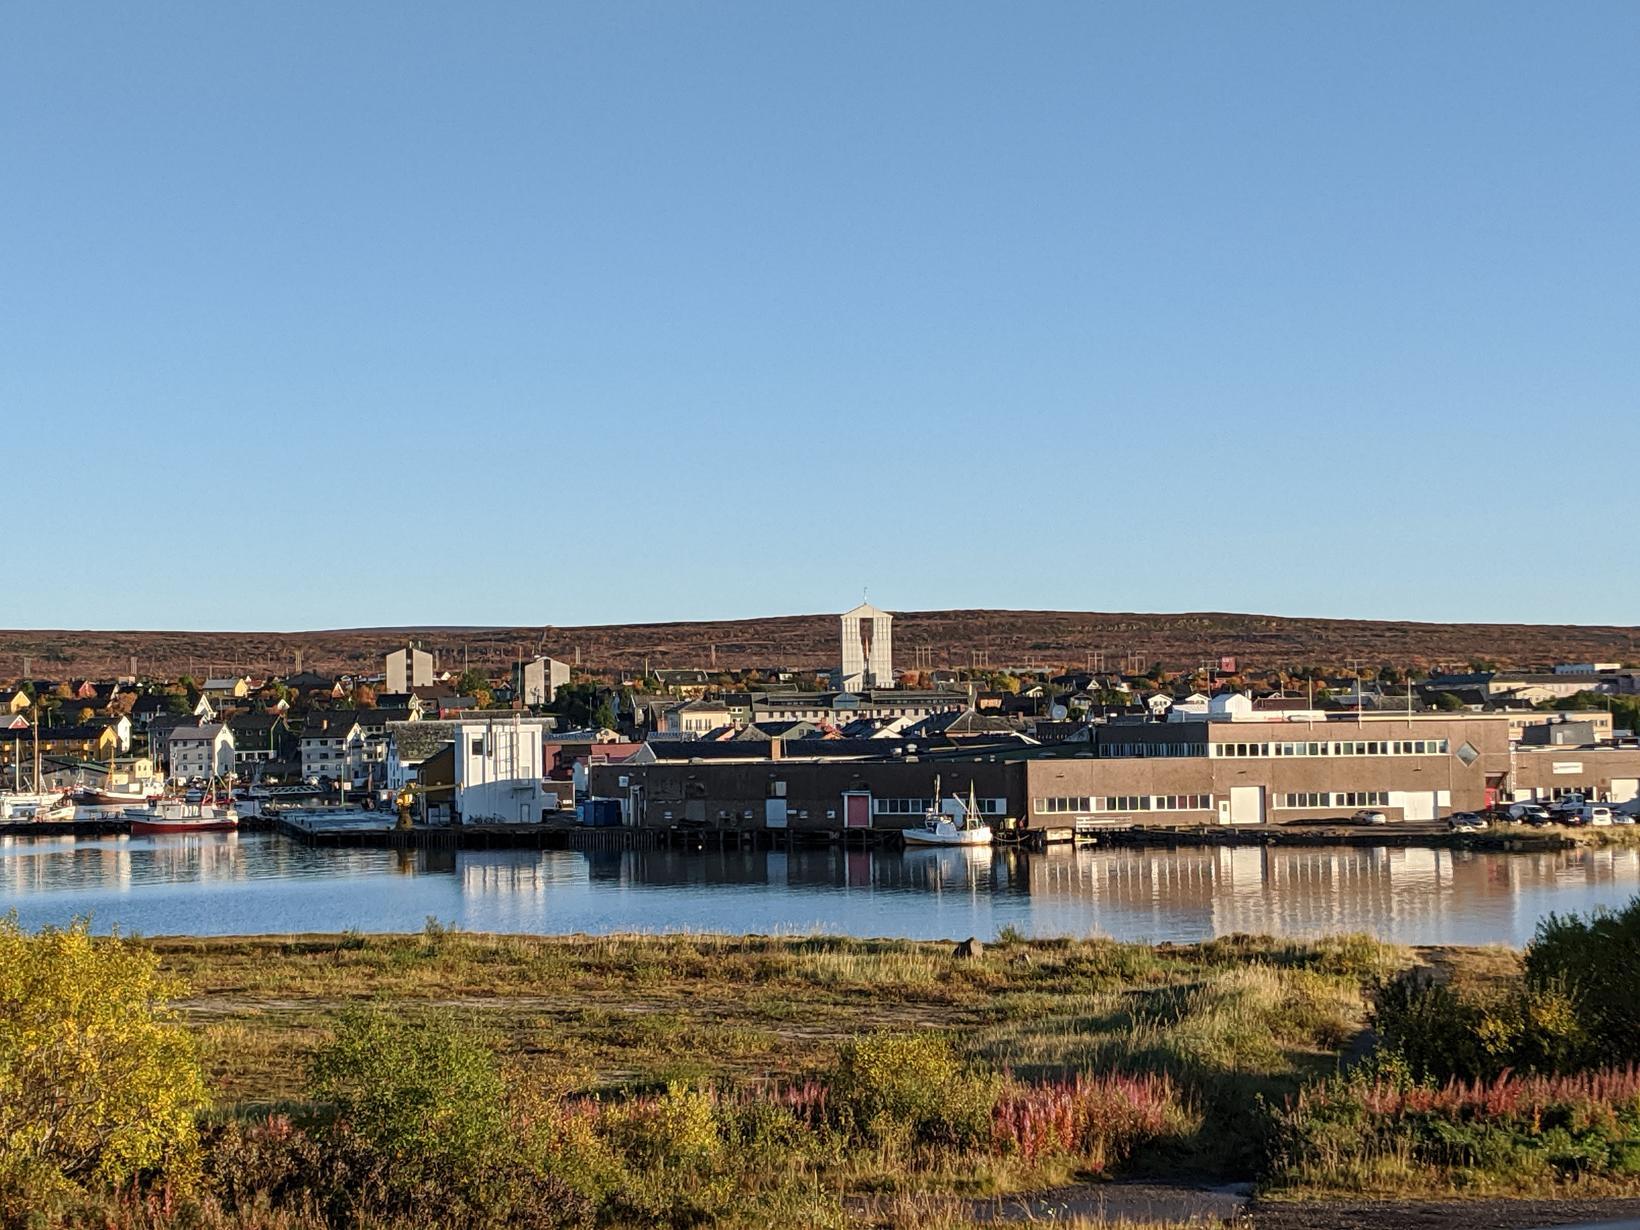 Vadsø í austurhluta Finnmerkur, skammt frá landamærum Noregs og Rússlands. …